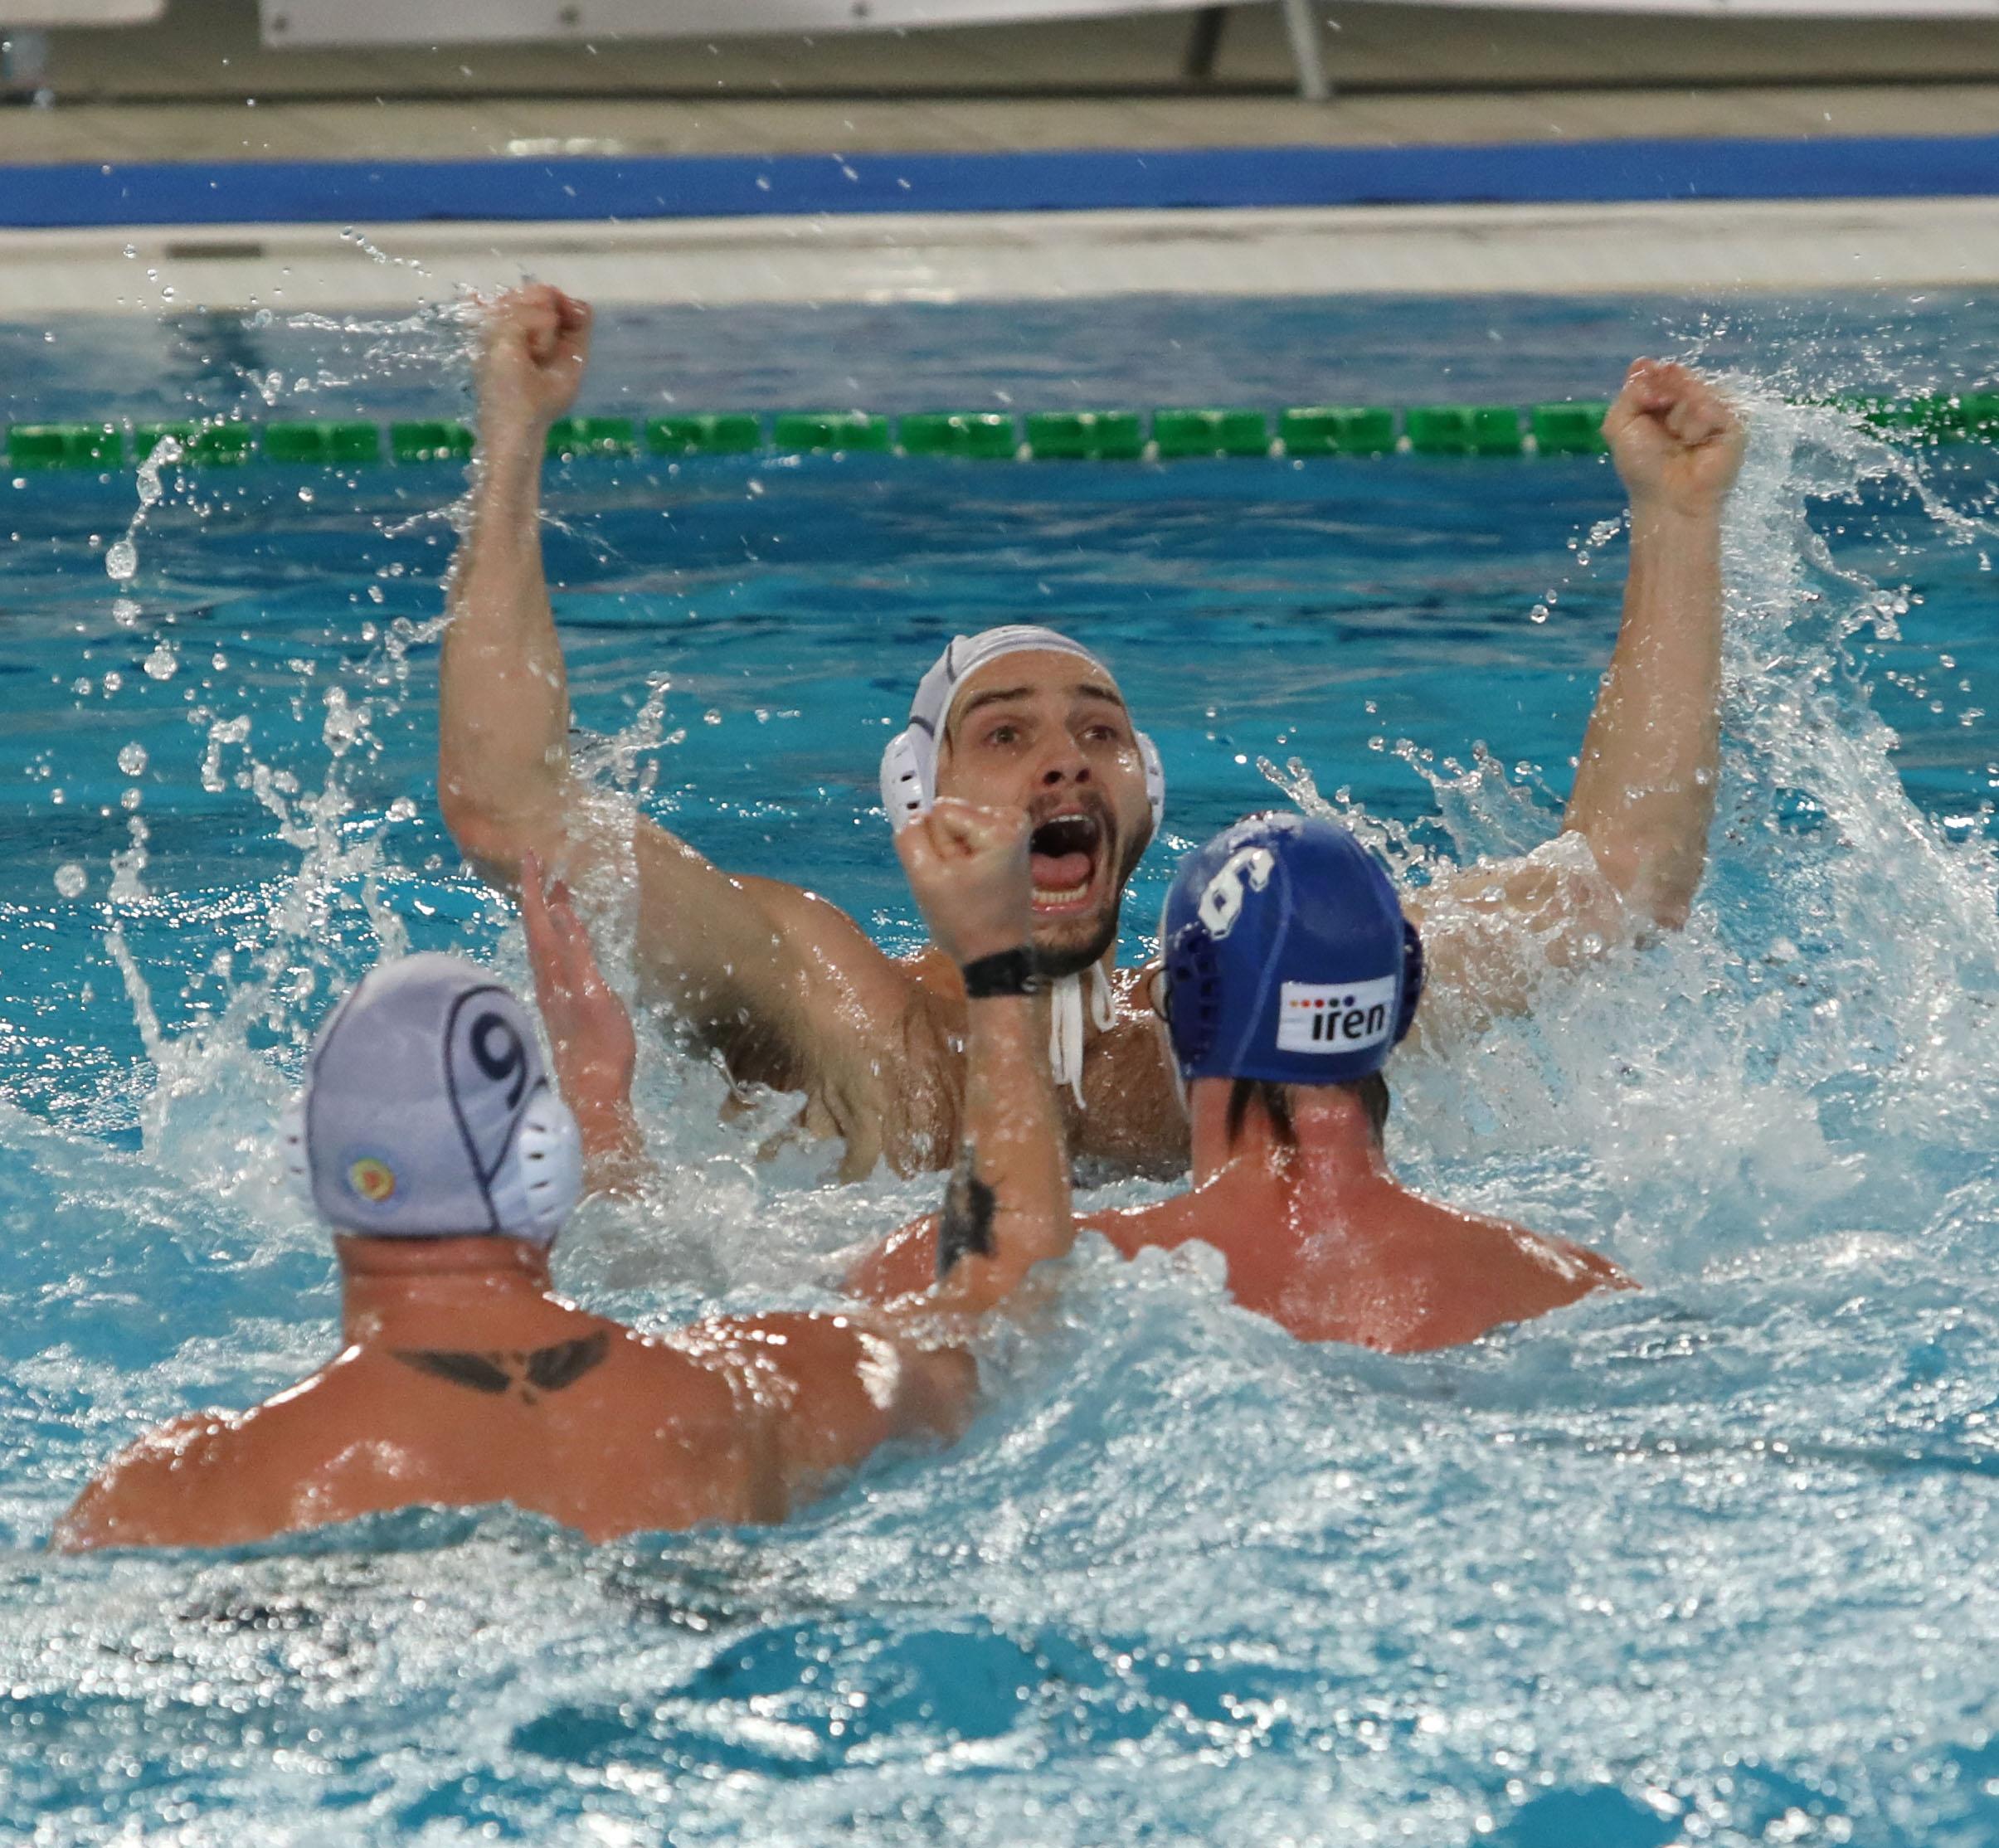 """Incredibile alla """"Bruno Bianchi""""! La Pallanuoto Trieste supera il Quinto (10-9) grazie ad un gol di Ray Petronio proprio sulla sirena finale. L'allenatore Bettini: """"Ho chiesto ai ragazzi di dare tutto, sono stati meravigliosi"""""""